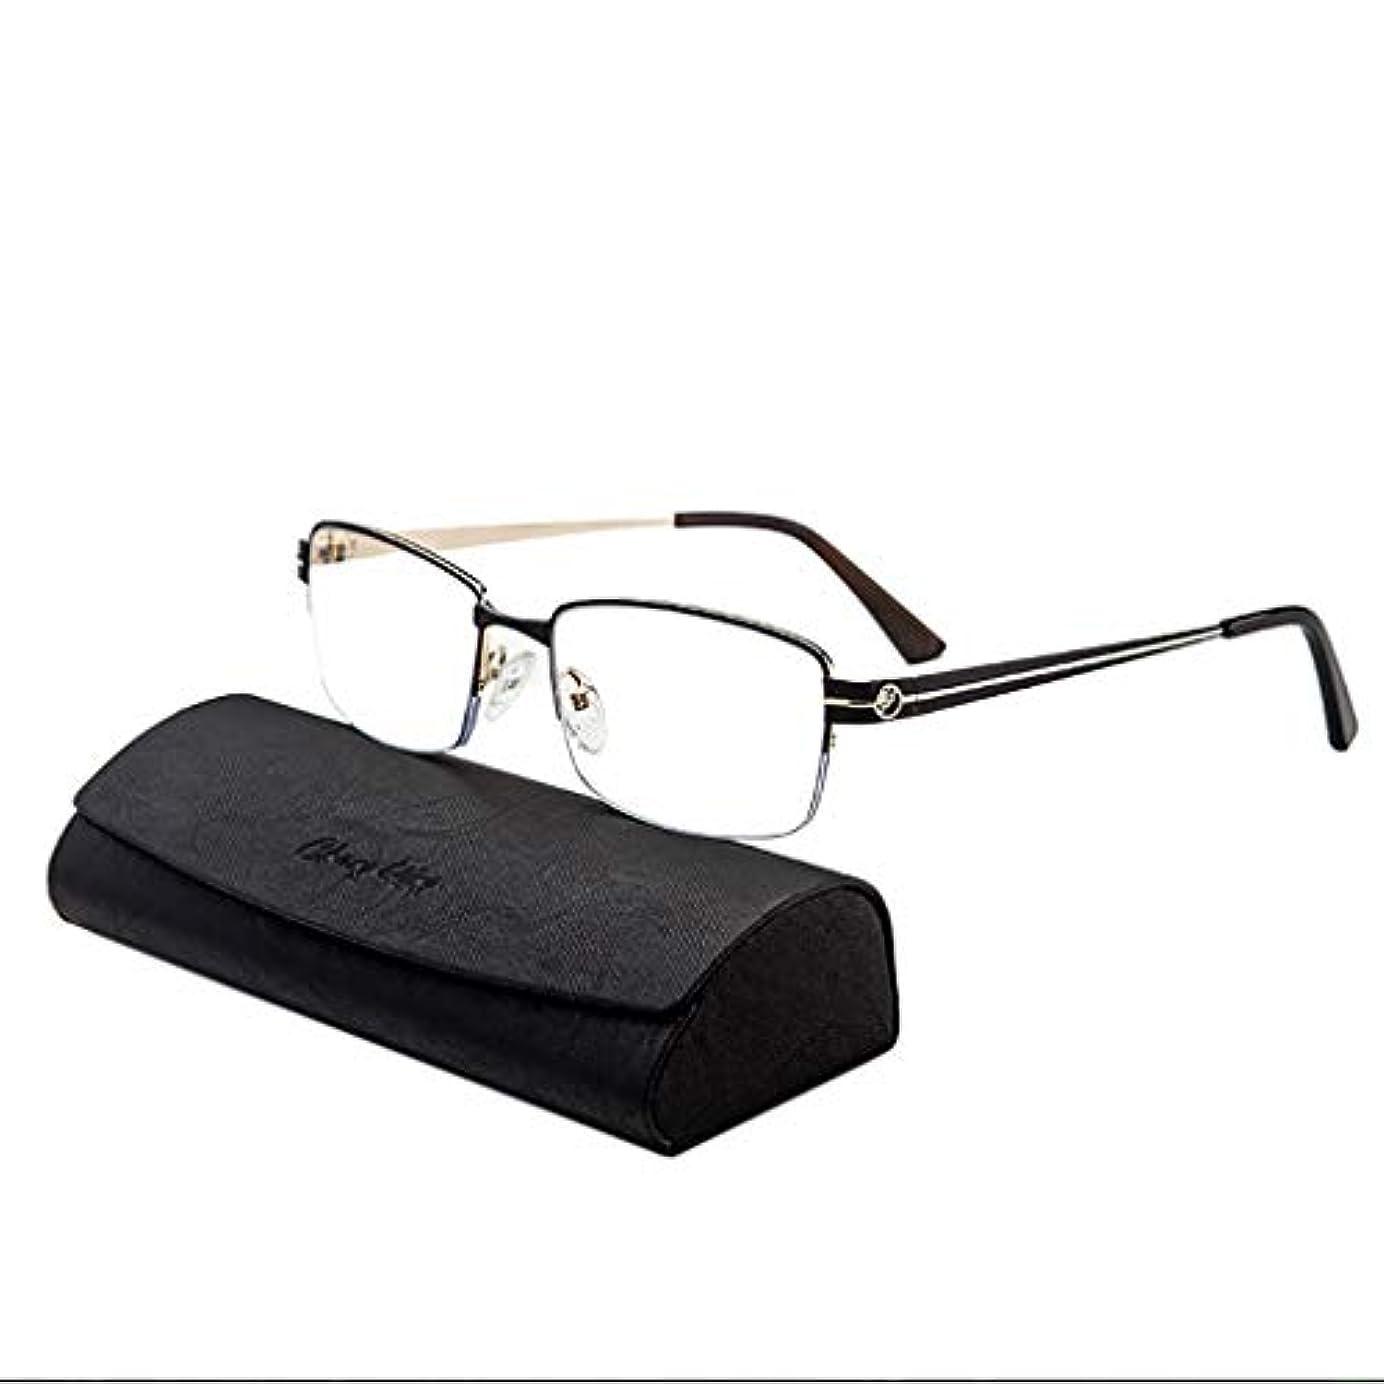 インテリジェントズームメタルハーフフレーム老眼鏡メンズ春ヒンジステンレススチール材質リーダーFar/Near HDコンフォート、+ 1.0?+ 3.0